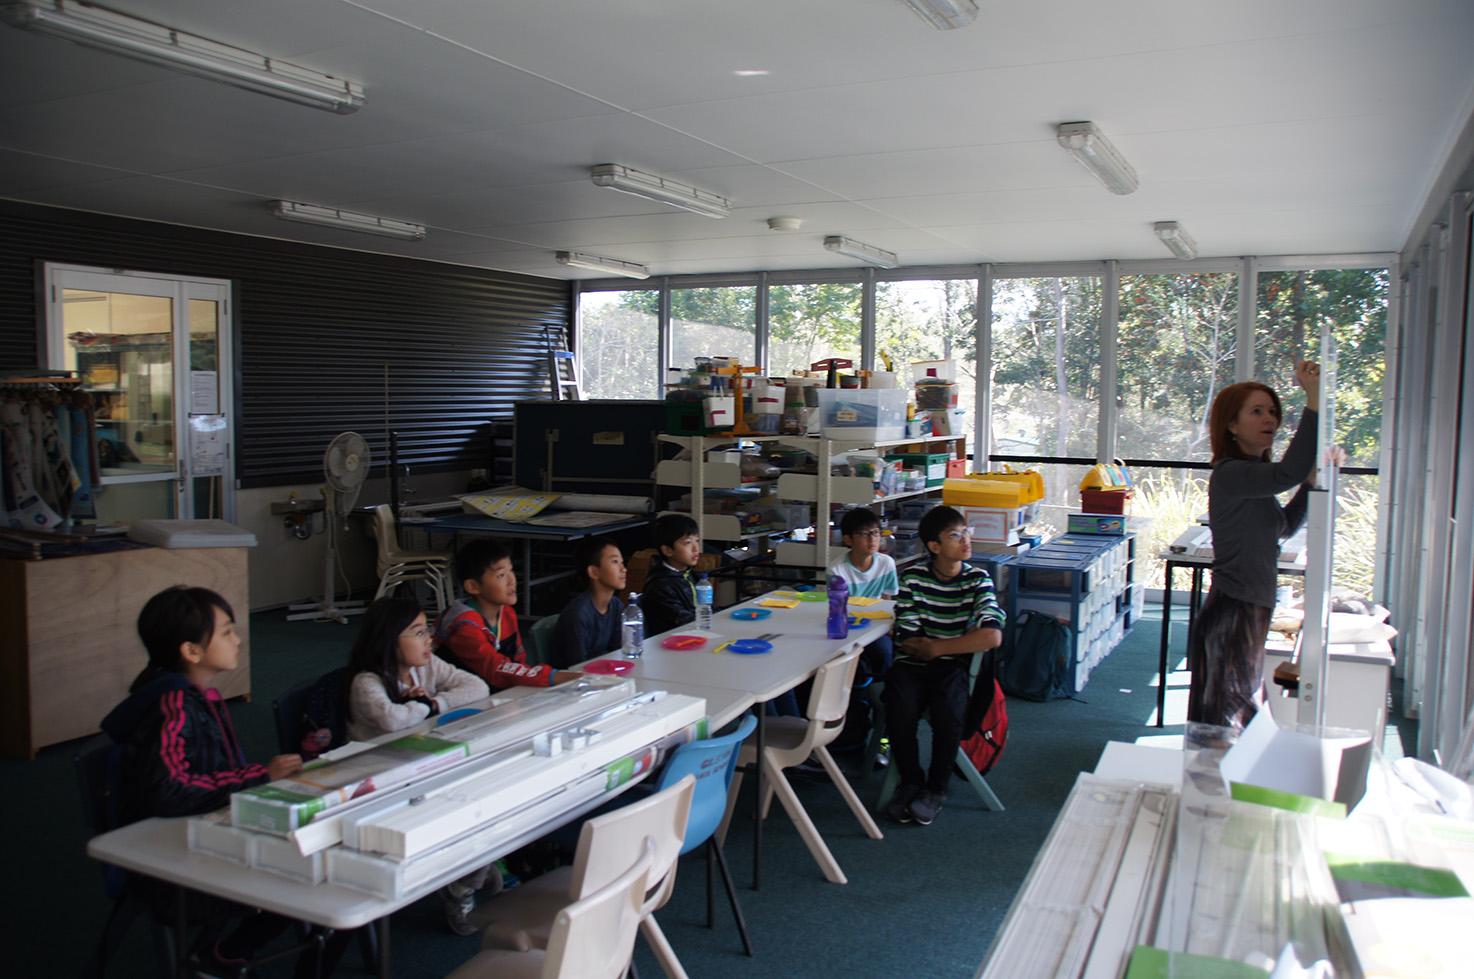 オーストラリア現地州立校&ホームステイ体験留学ツアー 2016年8月10日